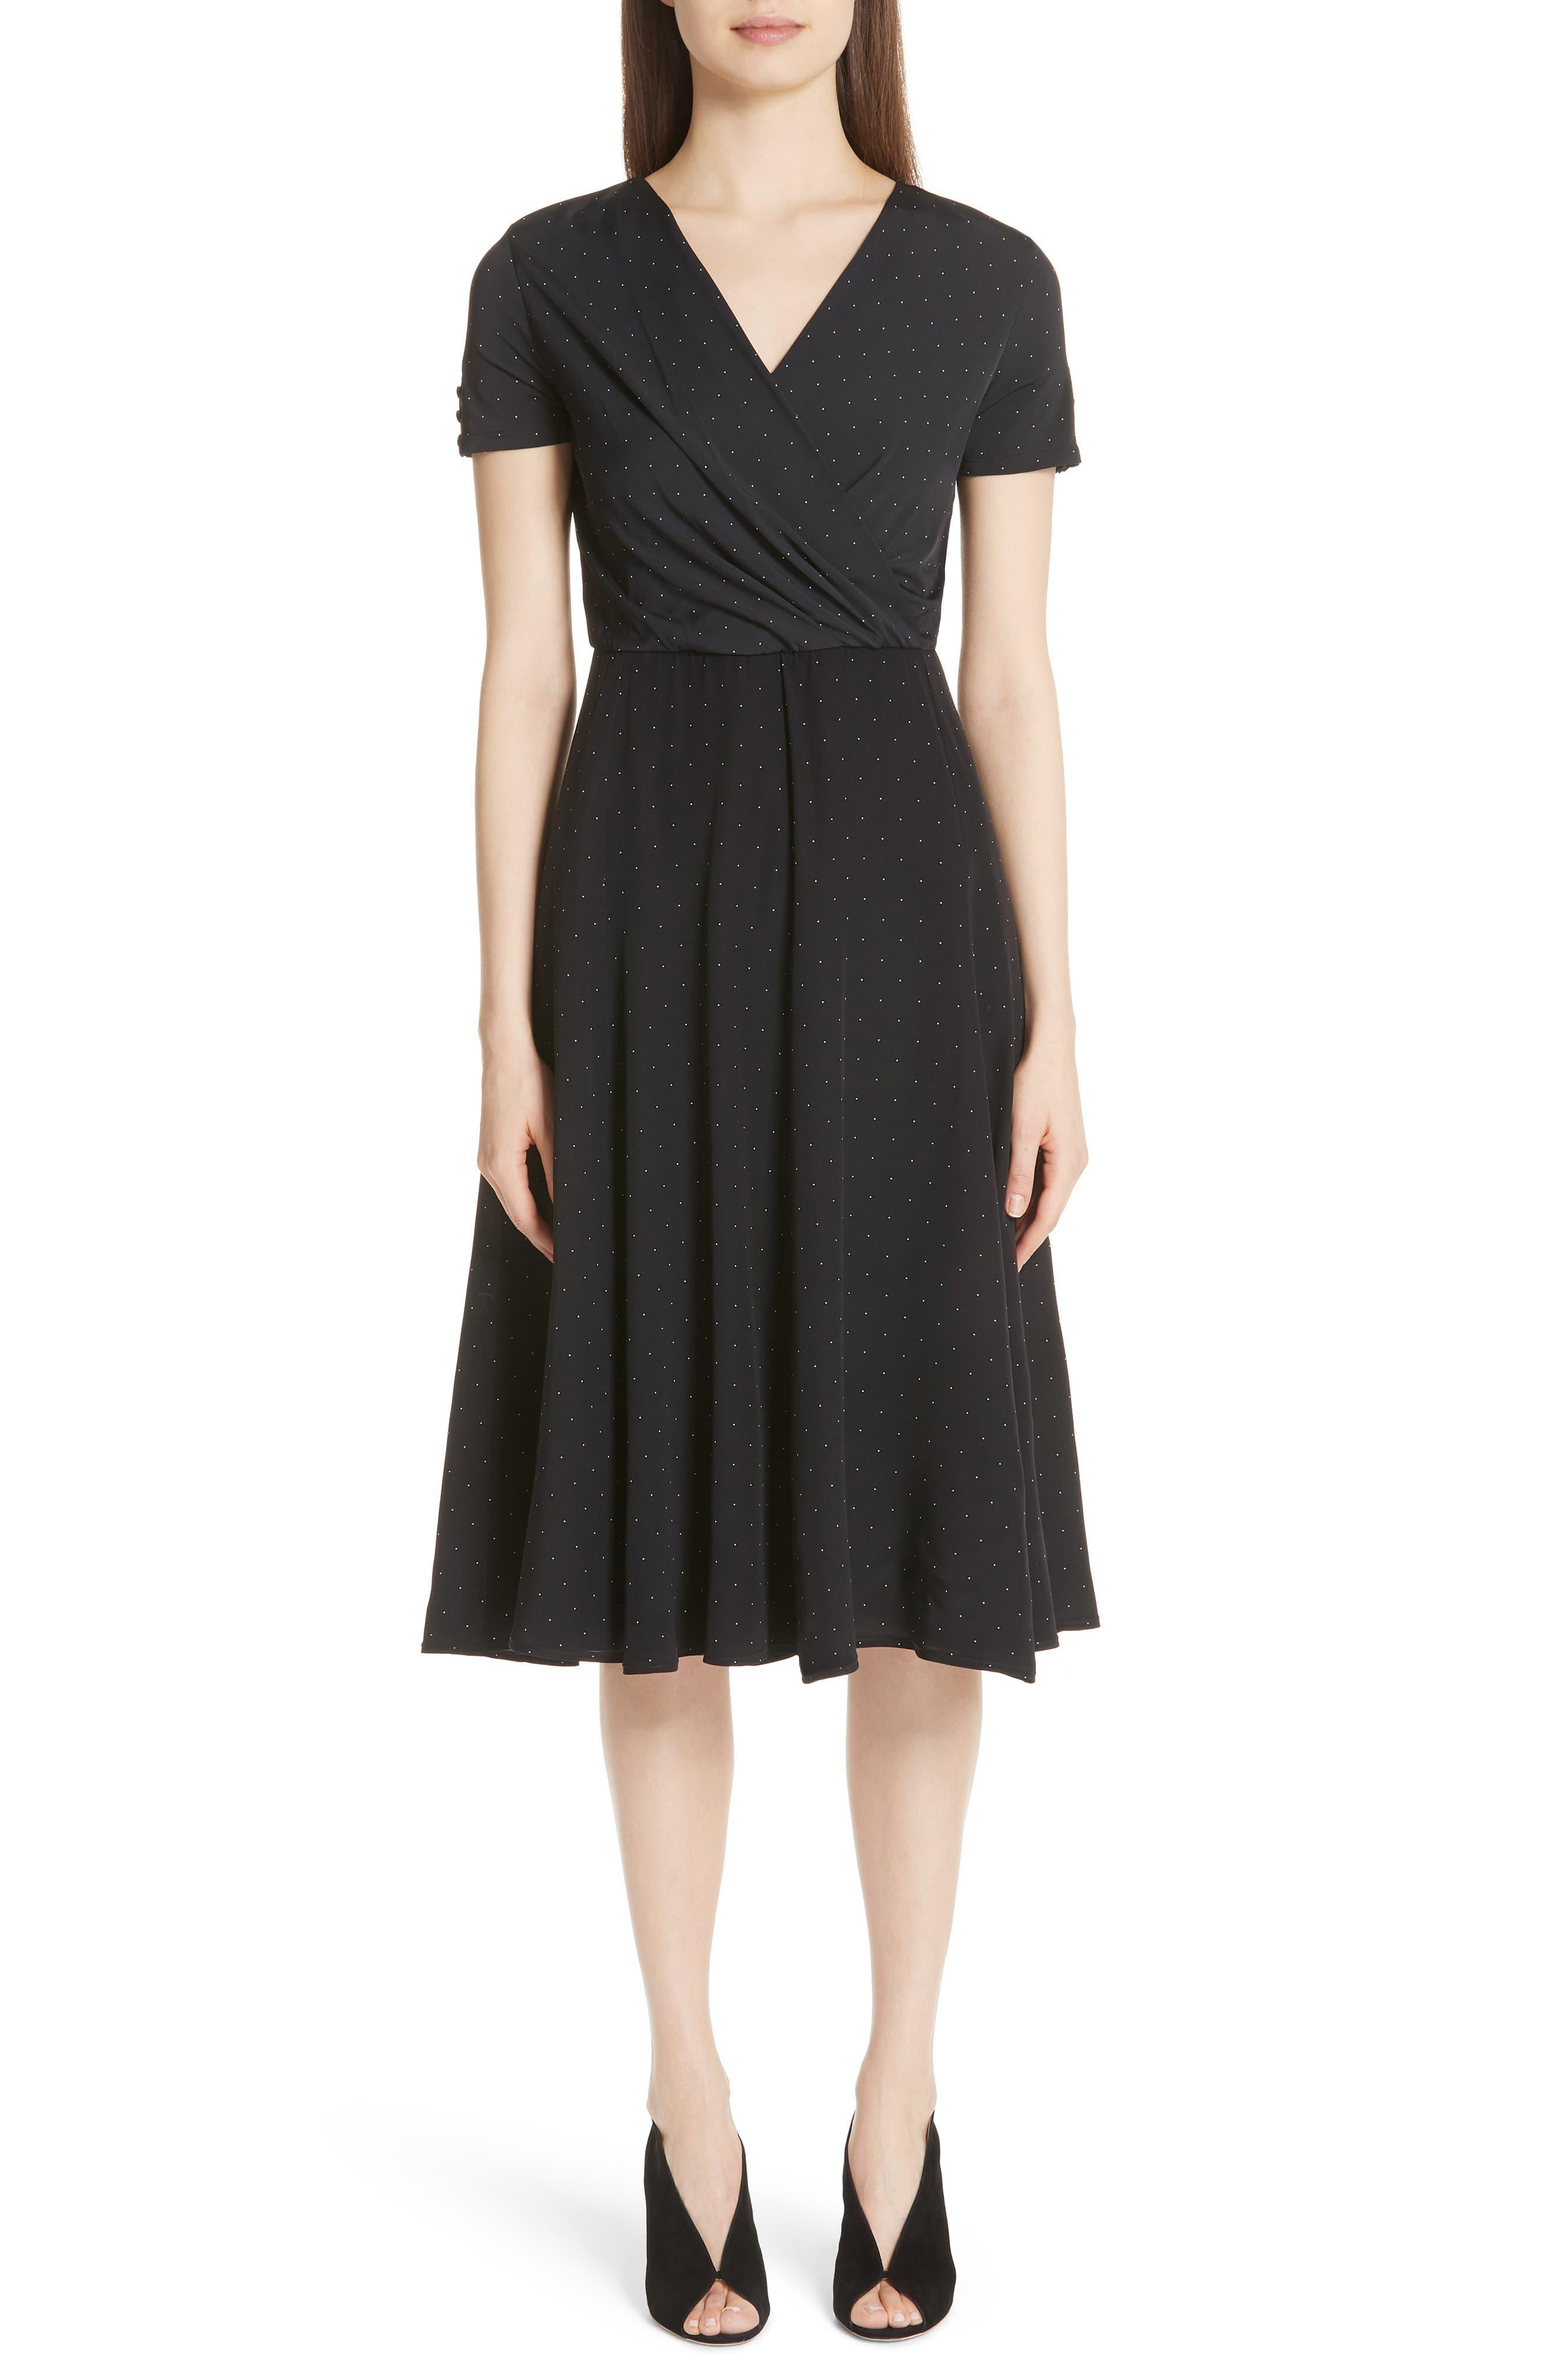 Max Mara Sandalo Polka Dot Silk Dress